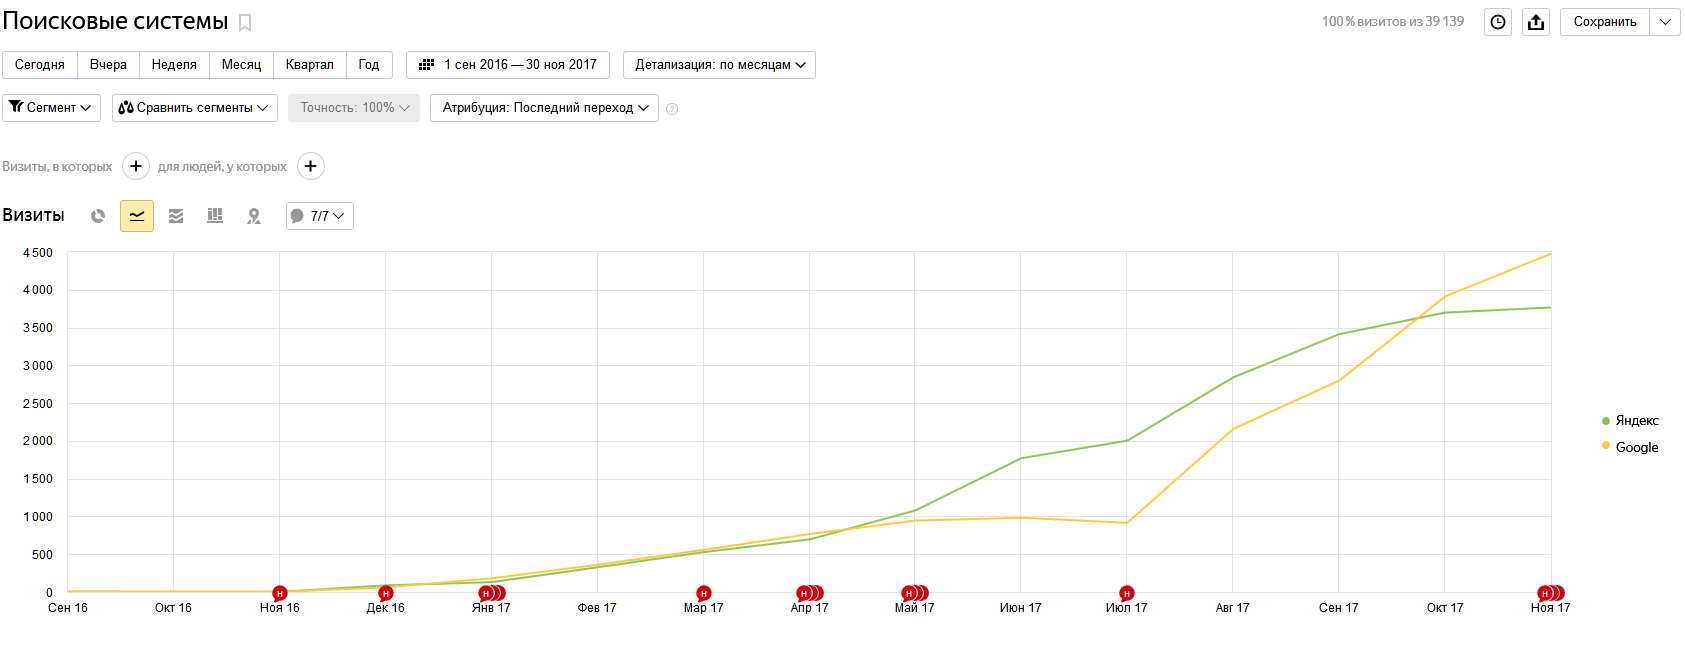 Рост в Яндекс и в Гугл